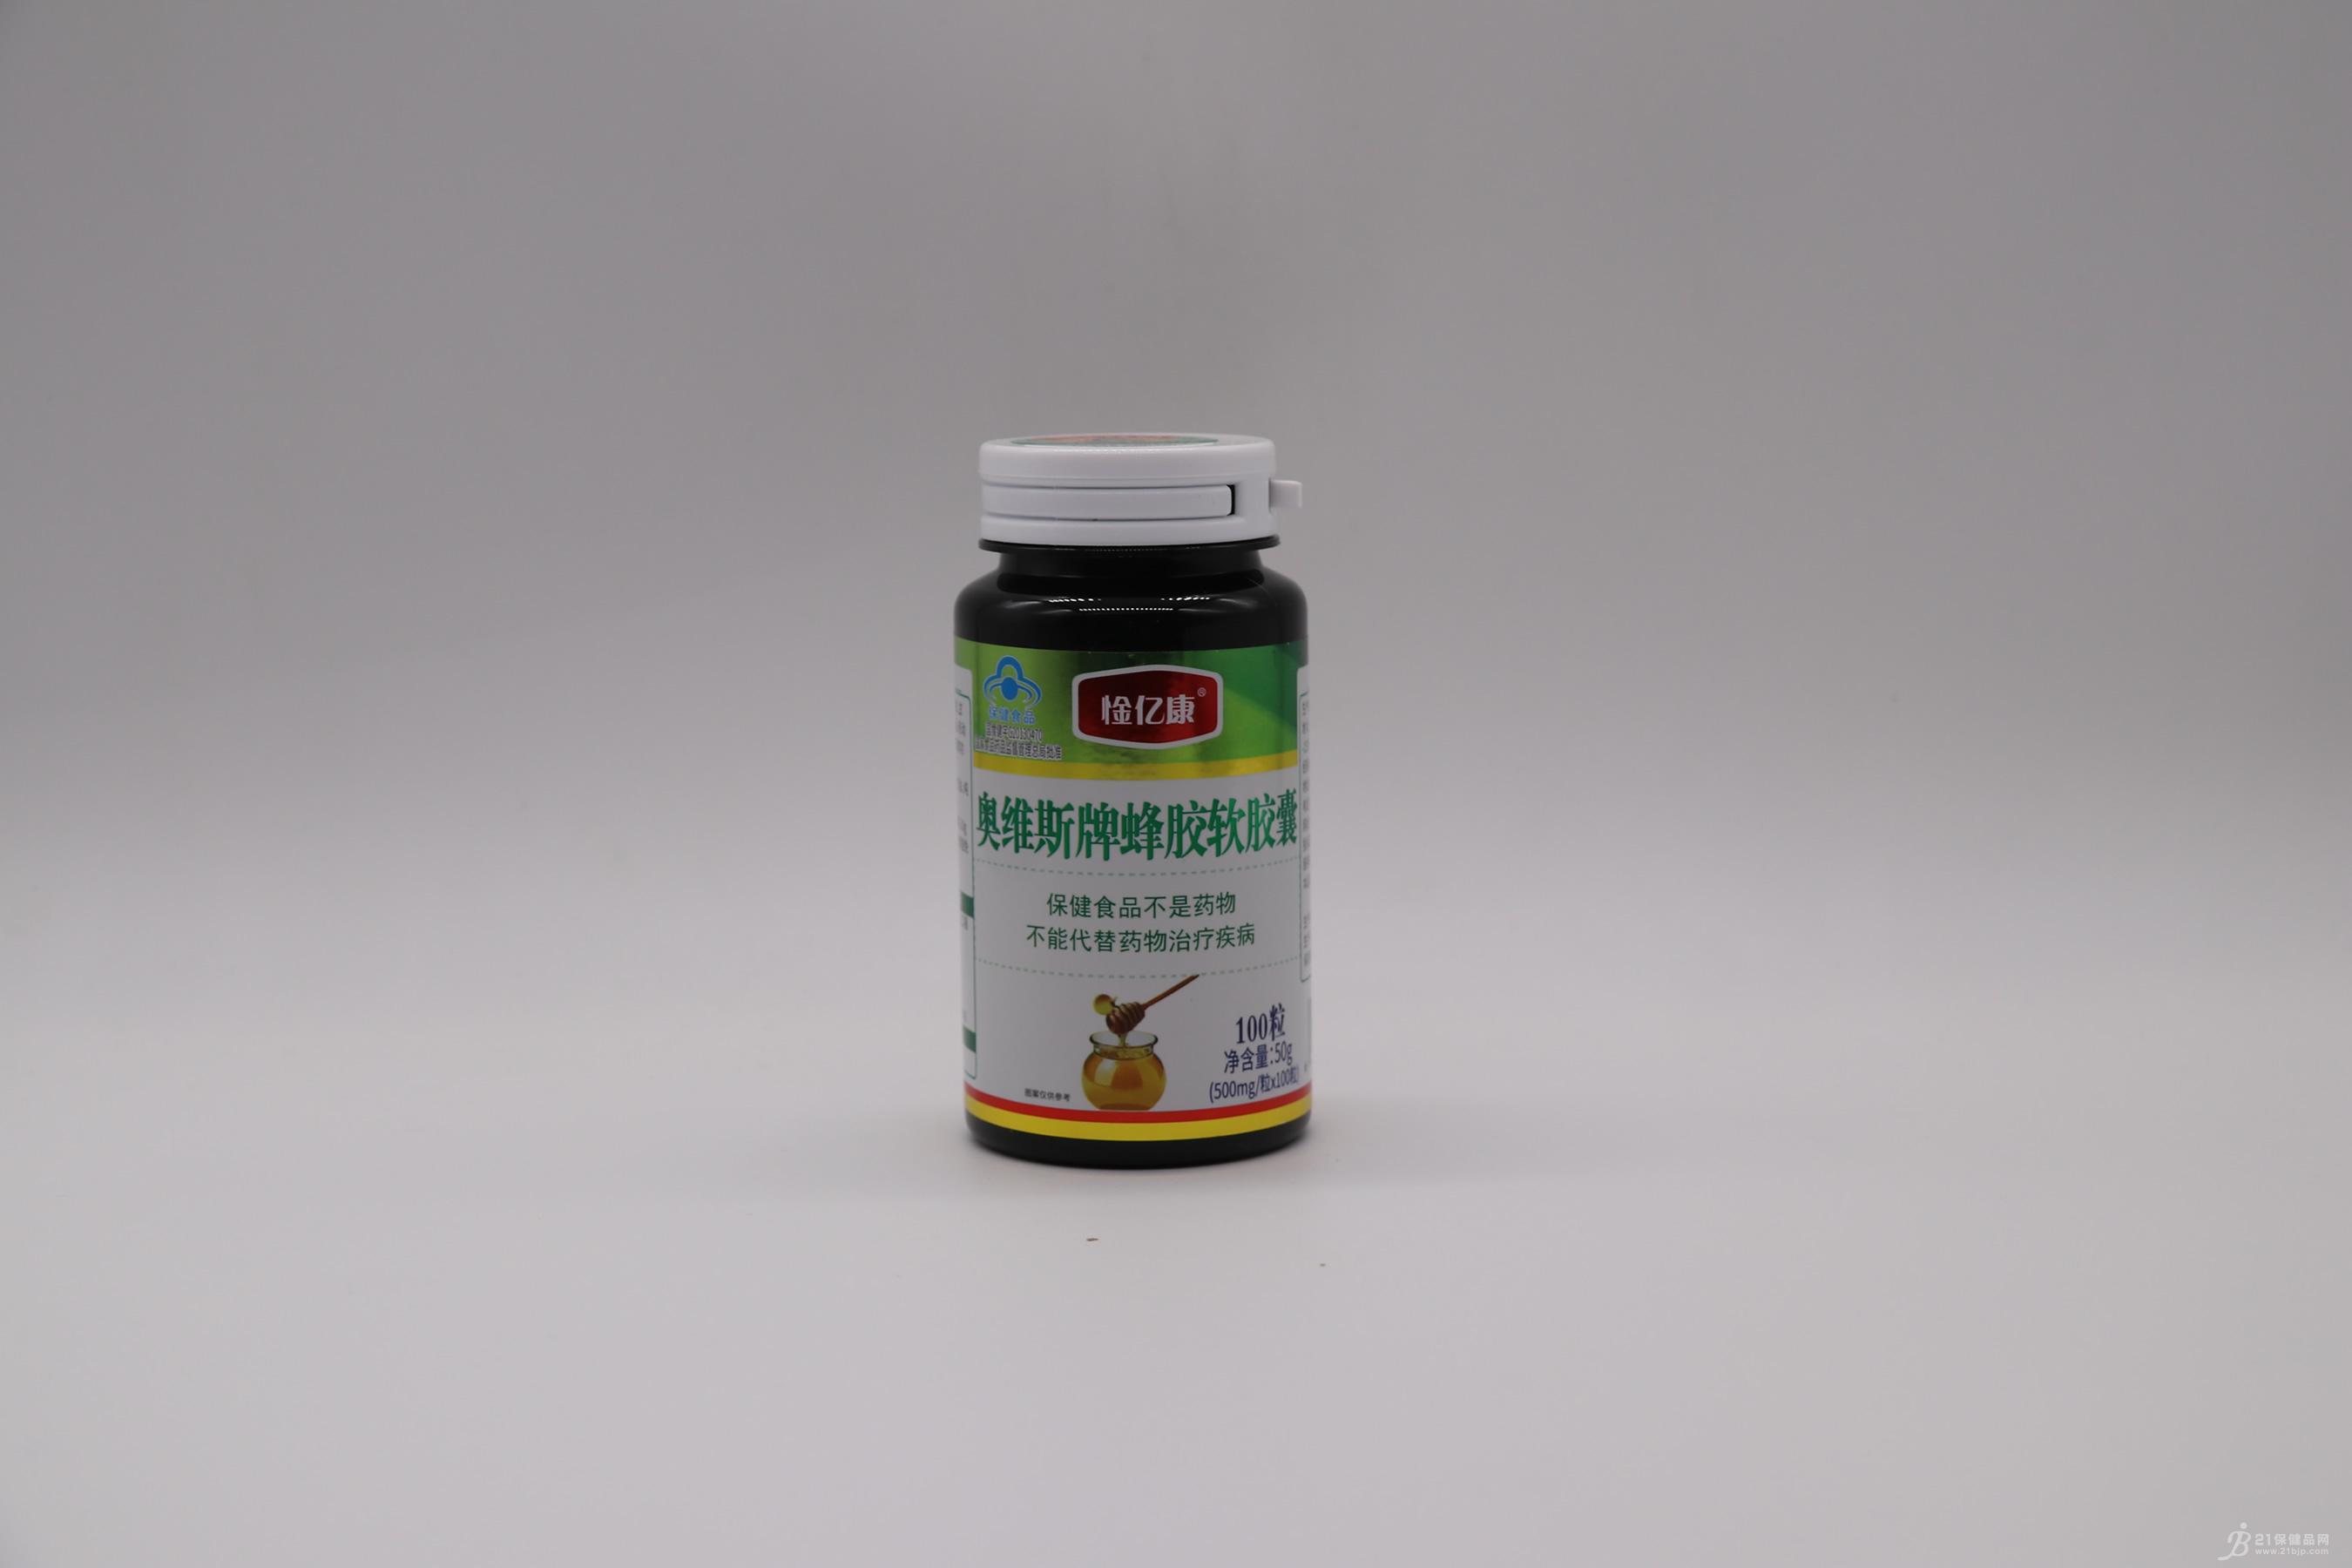 奥维斯牌蜂胶软胶囊(5.0含量)    500mg*60粒/瓶招商